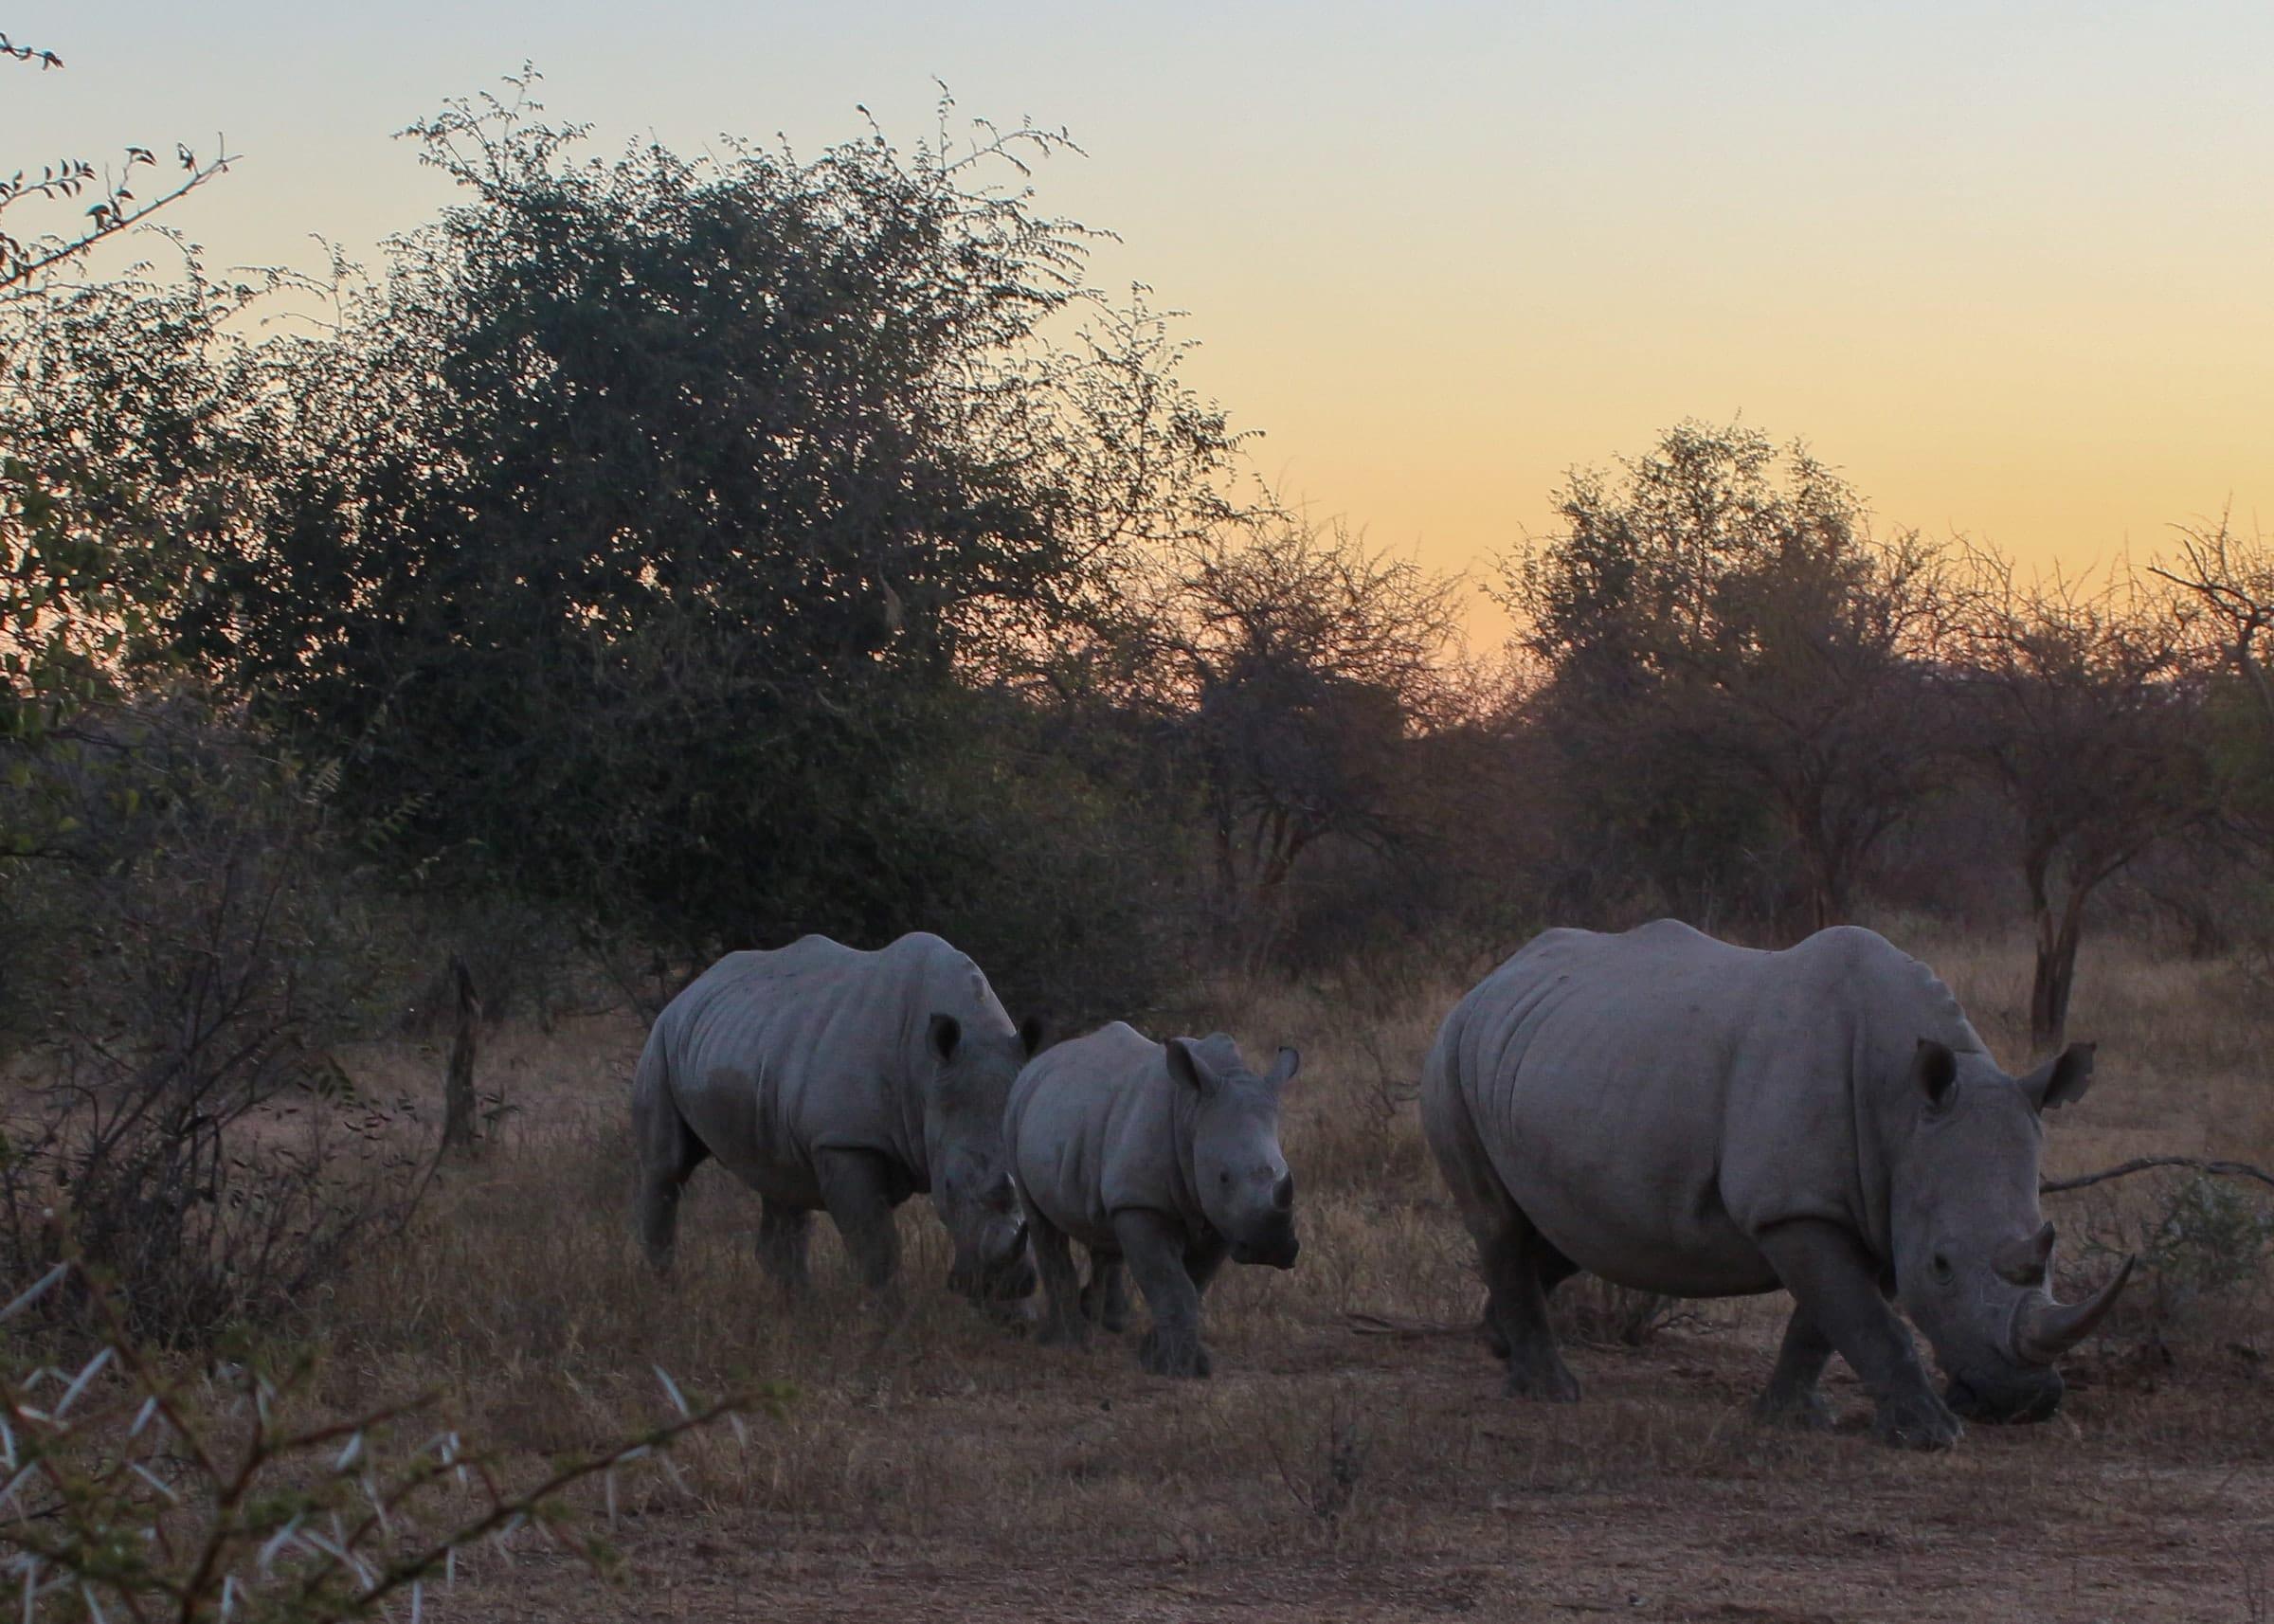 Limpopo, Mozambique